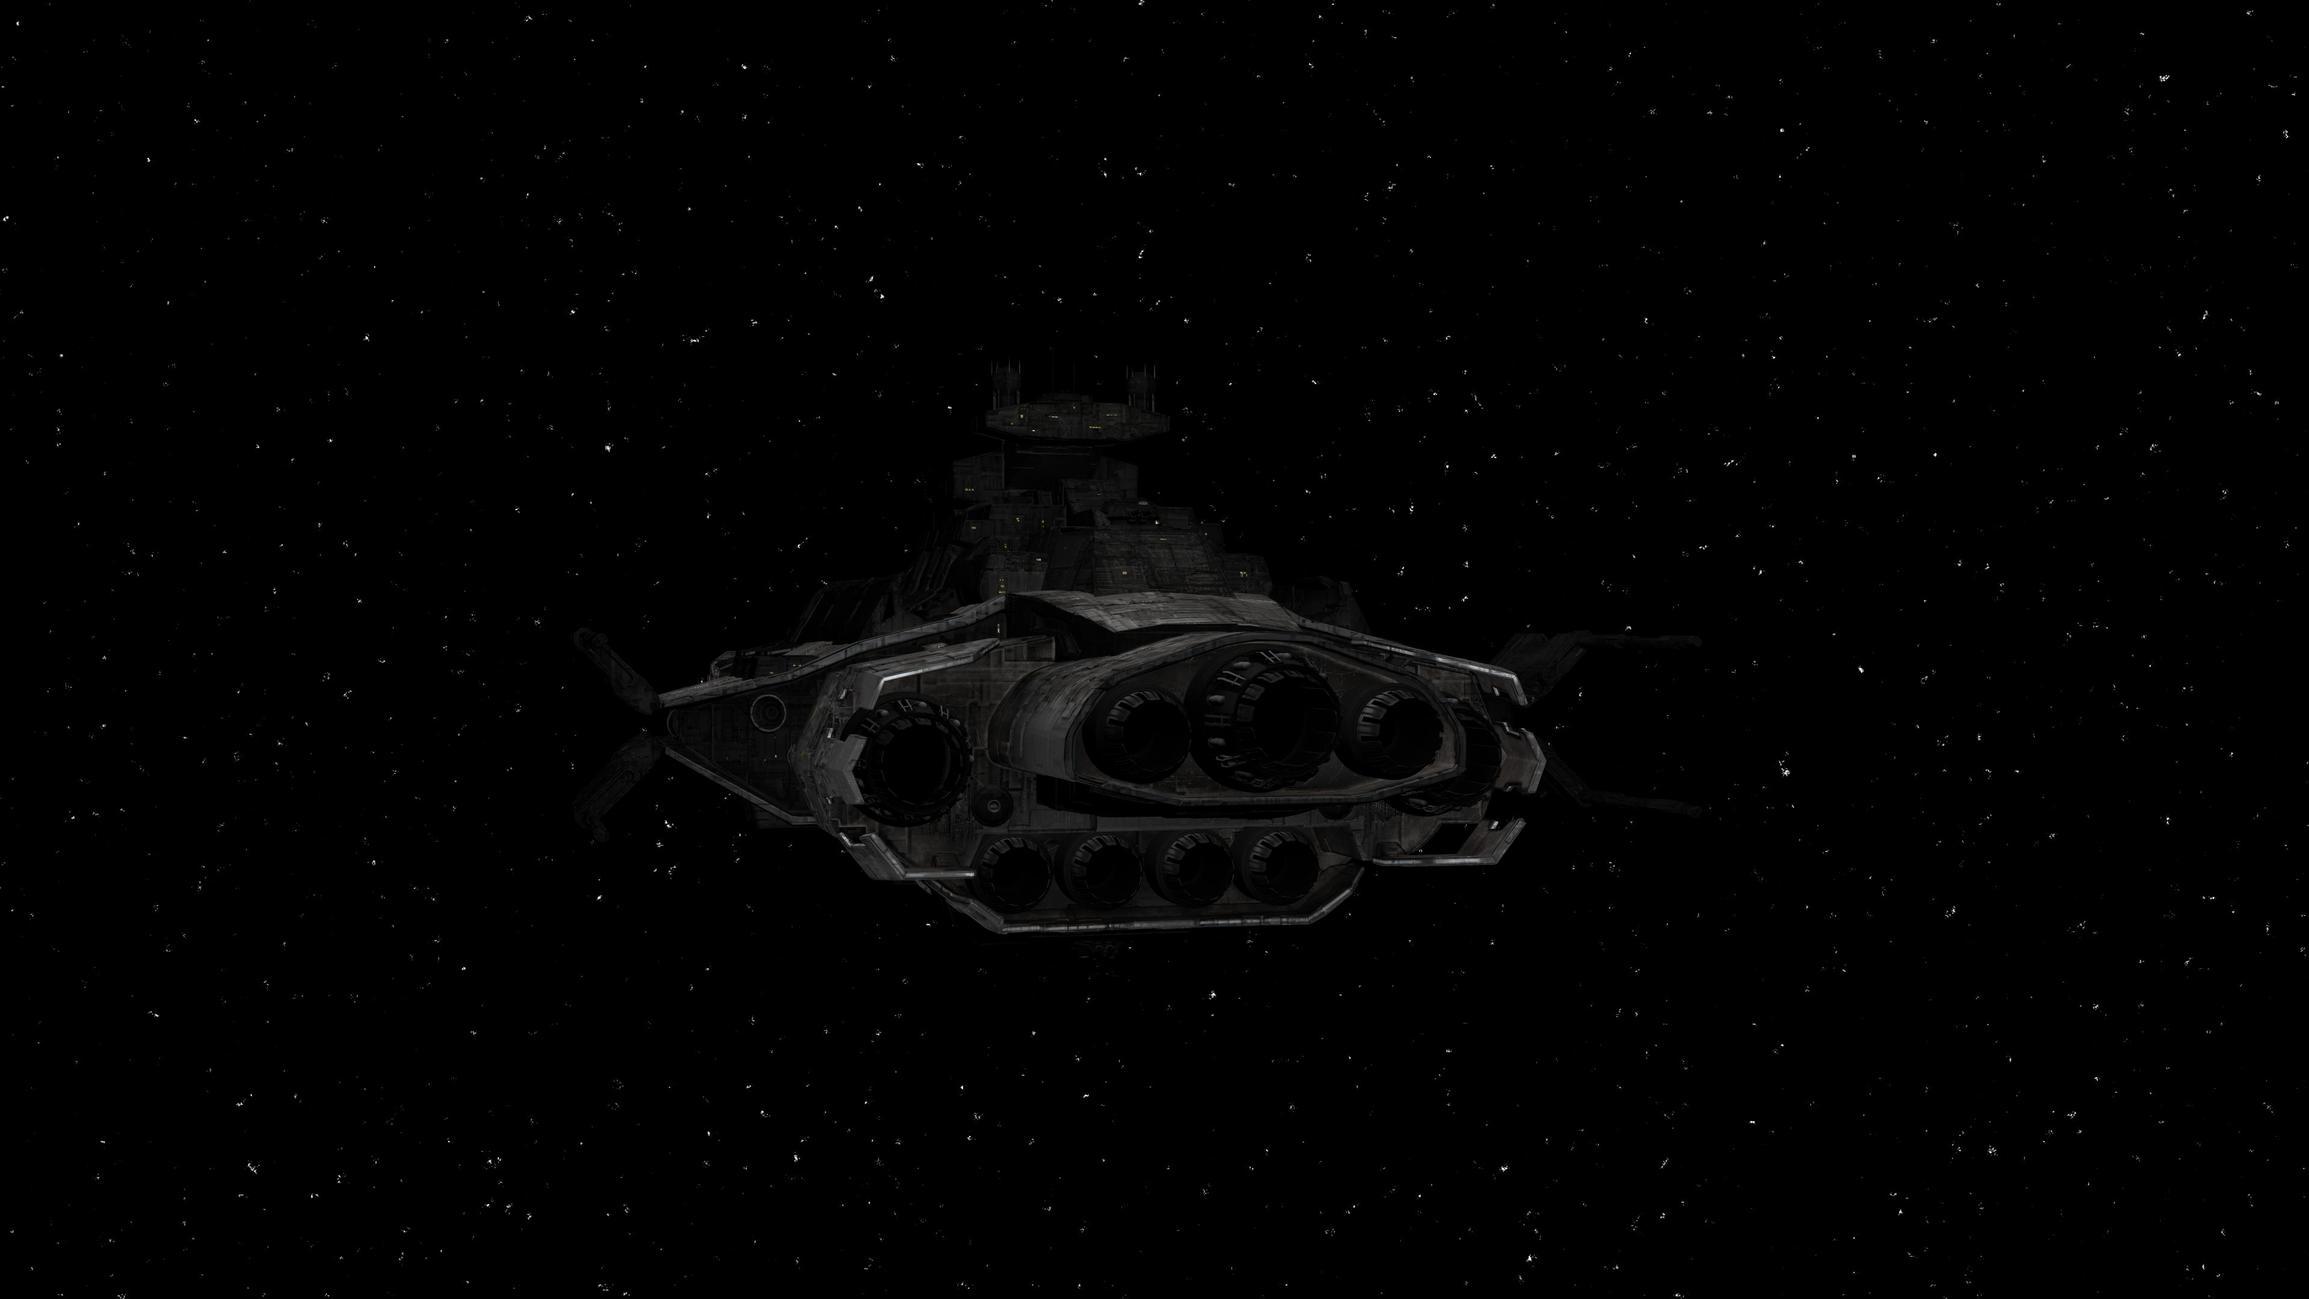 war ship-00;00;02;13.jpg